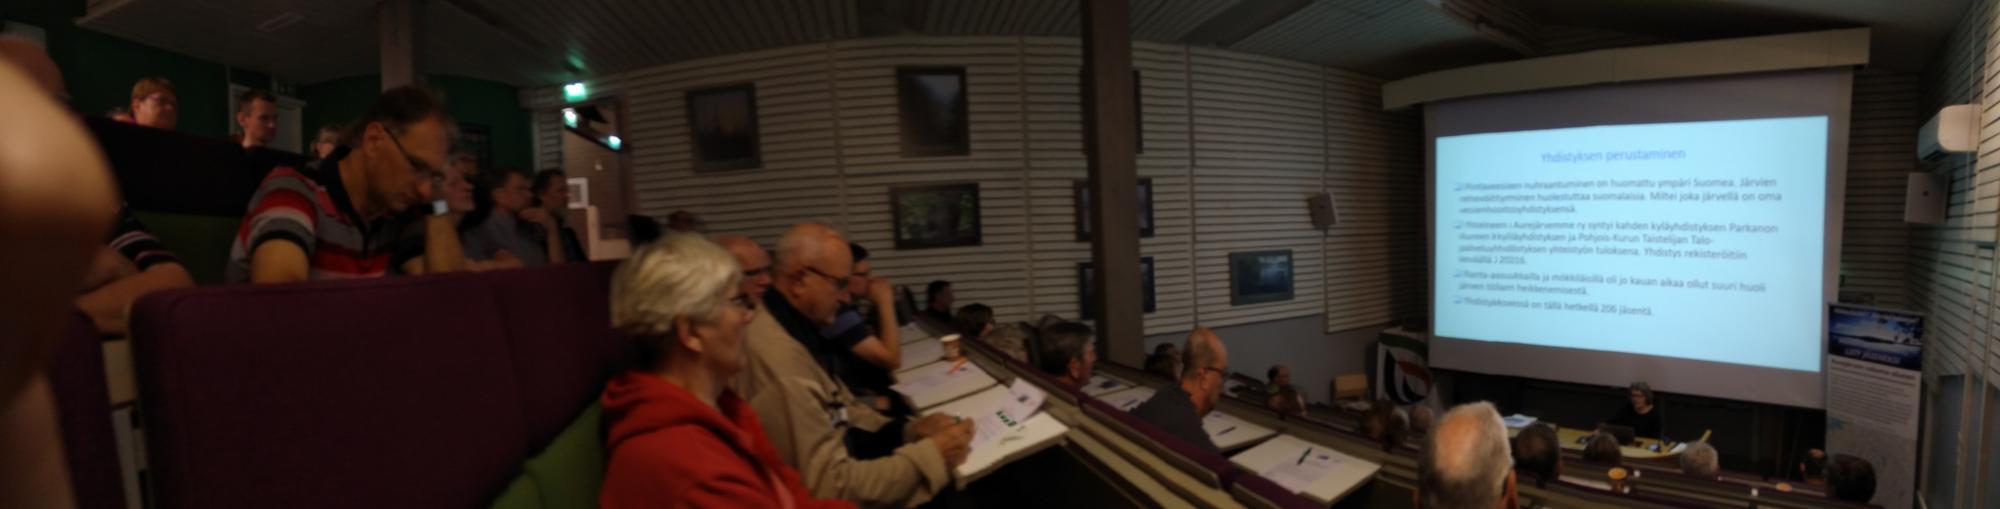 Kuvituskuva, valokuvassa vesistötapahtuman osallistujia seuraamassa esitystä.